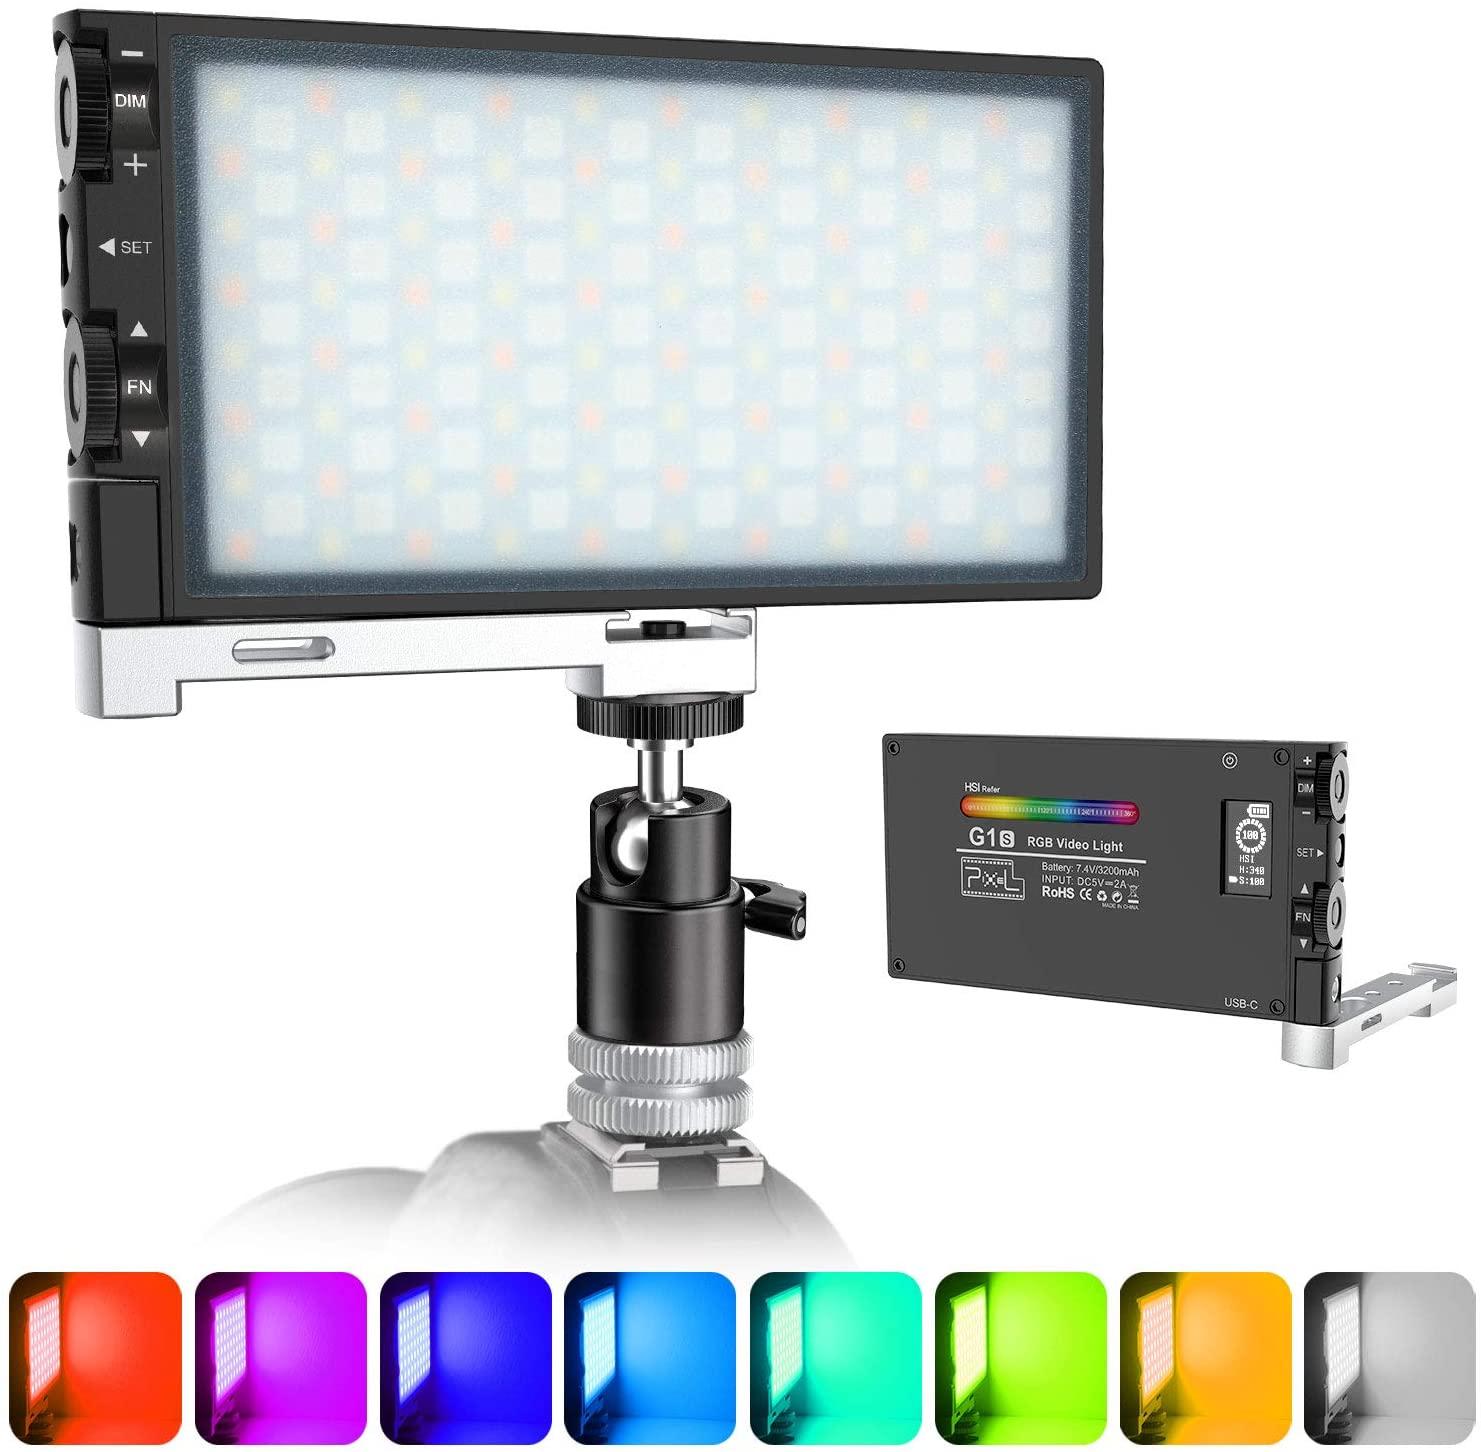 ترقية G1s رغب الفيديو الضوئي ، القابلة لإعادة الشحن المدمج في بطارية كاميرا ليد ضوء ، 360 درجة كامل اللون عكس الضوء 2500K-8500K ليوتيوب D